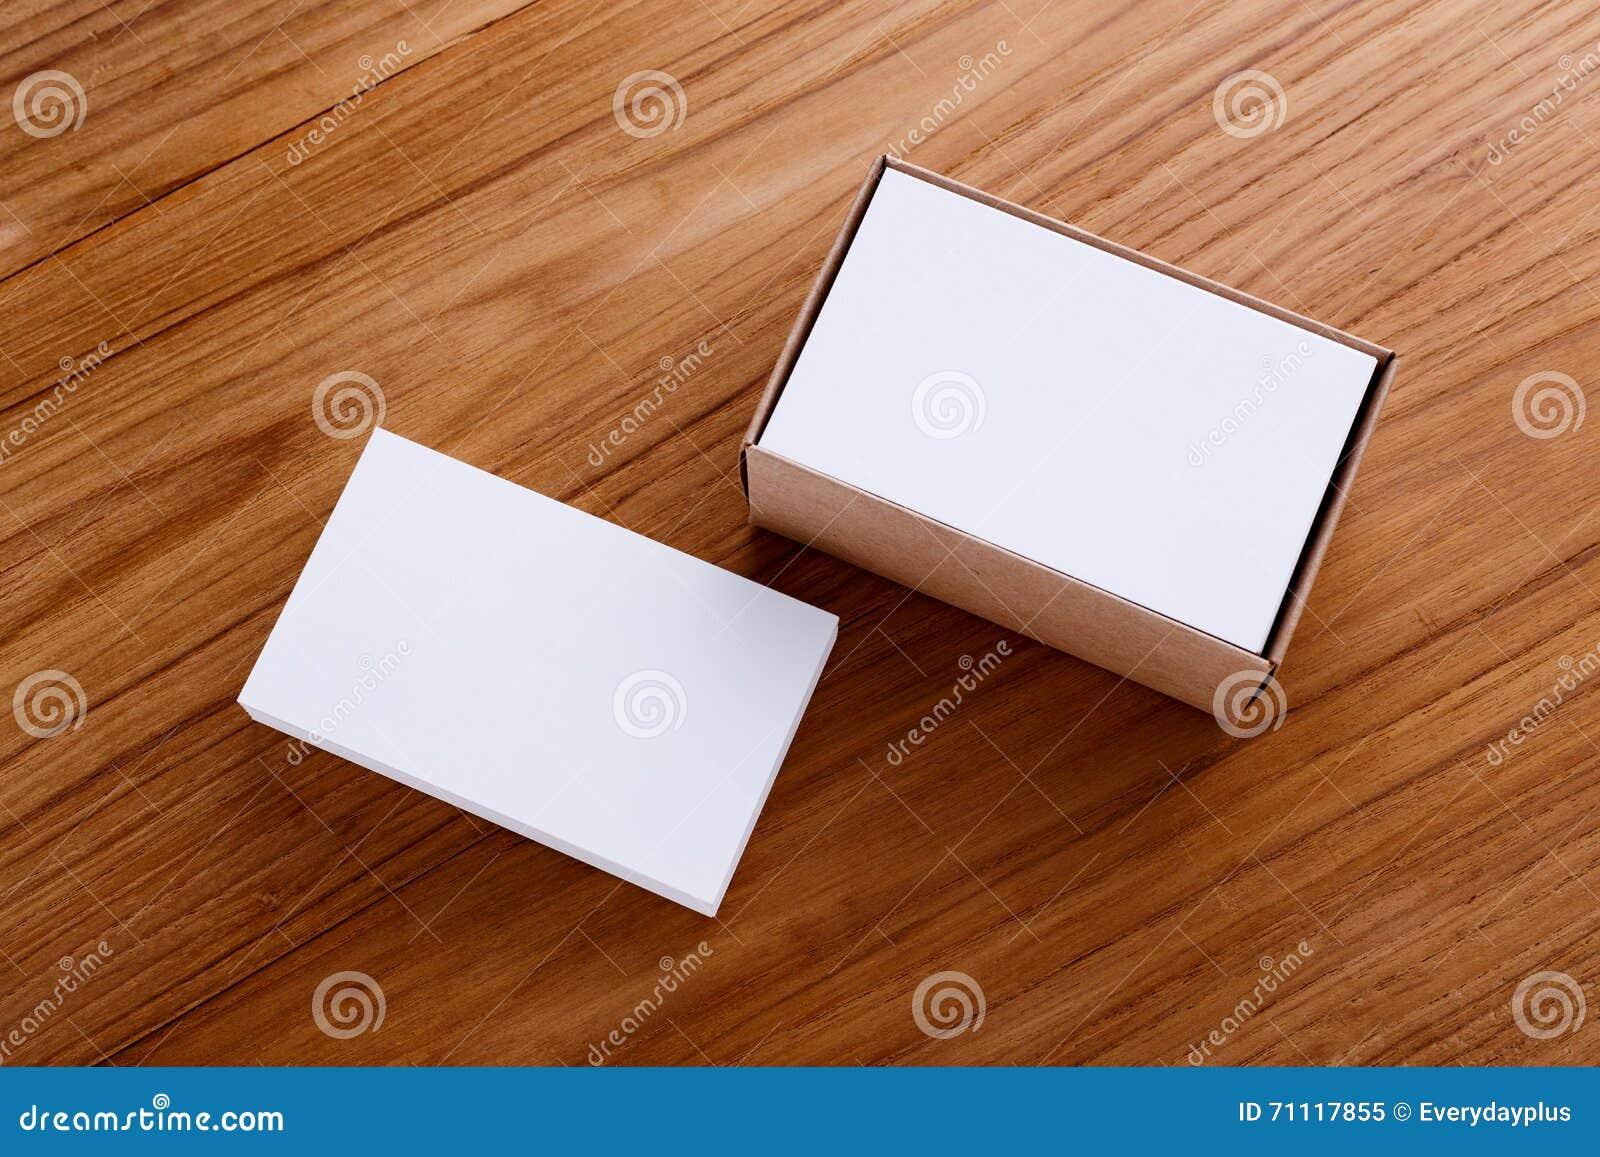 Maquette De Blanc Carte Visite Professionnelle Avec La Boite Papier Demballage Sur Le Bureau En Bois